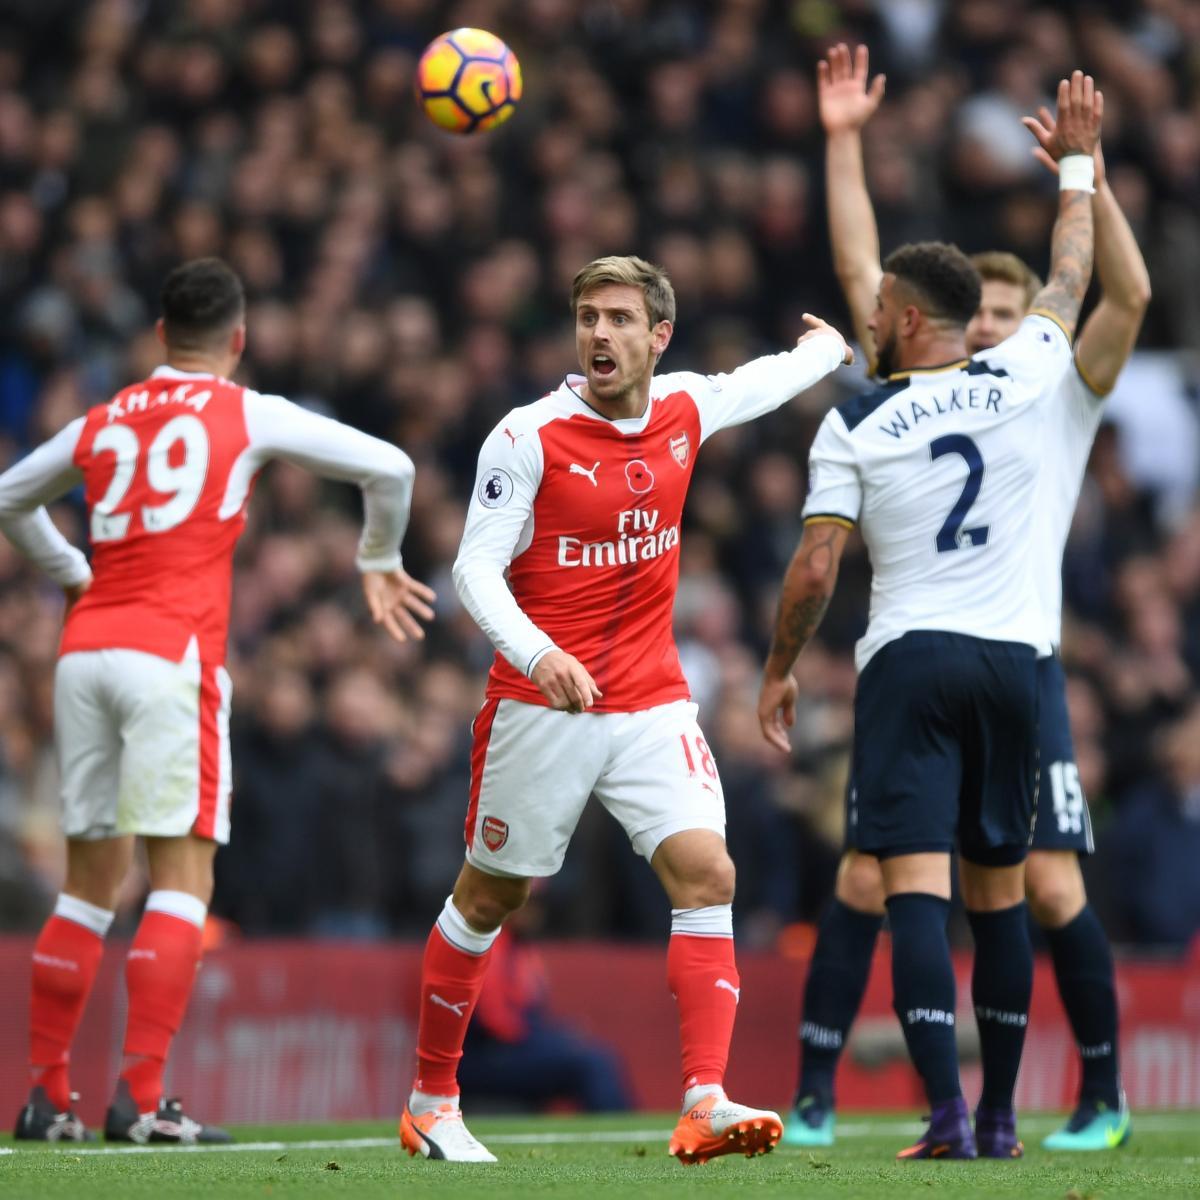 Arsenal Vs Tottenham Live Score Highlights From Premier